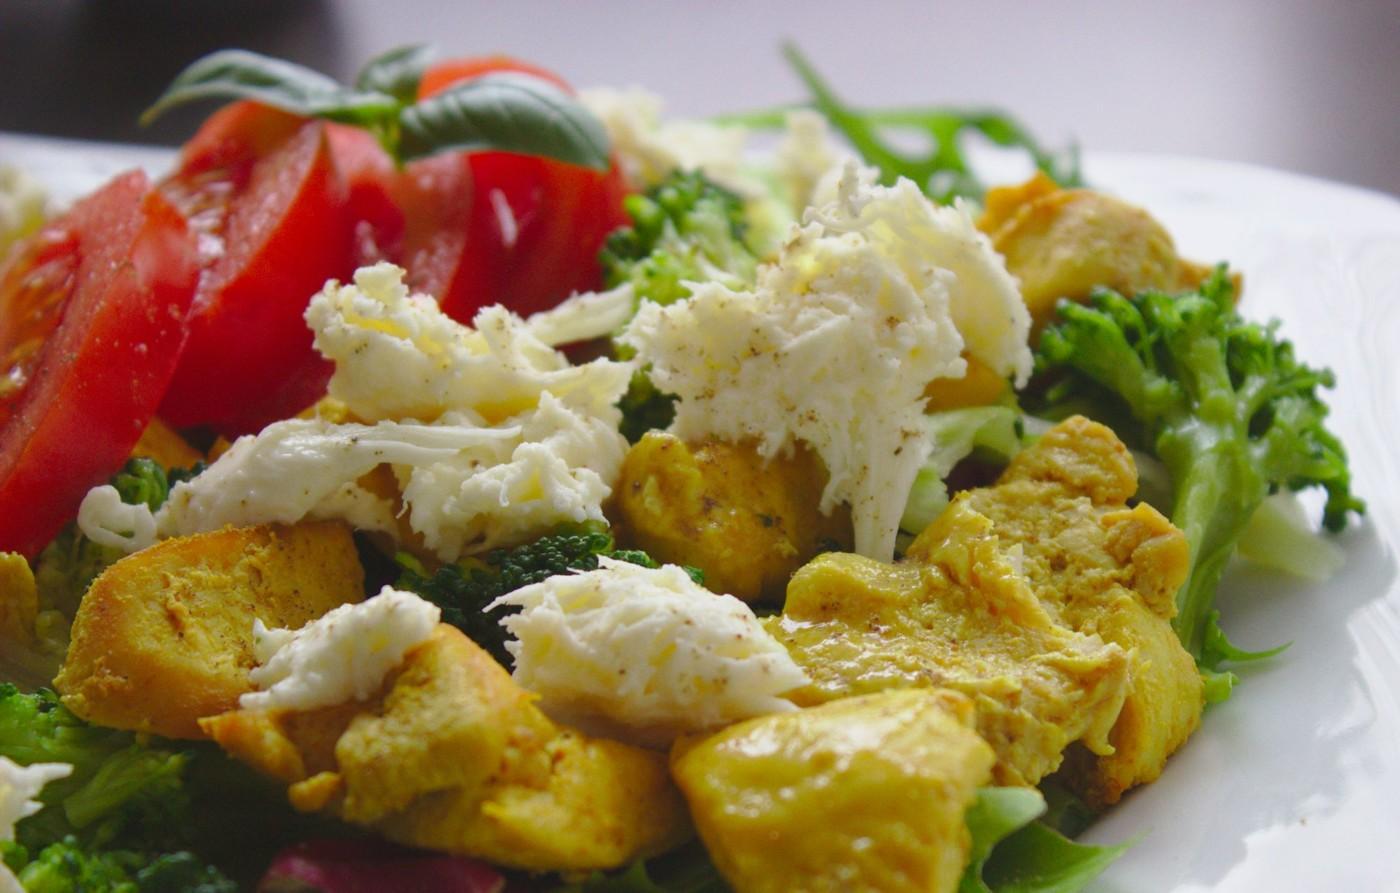 Szybka i zdrowa sałatka z kurczakiem